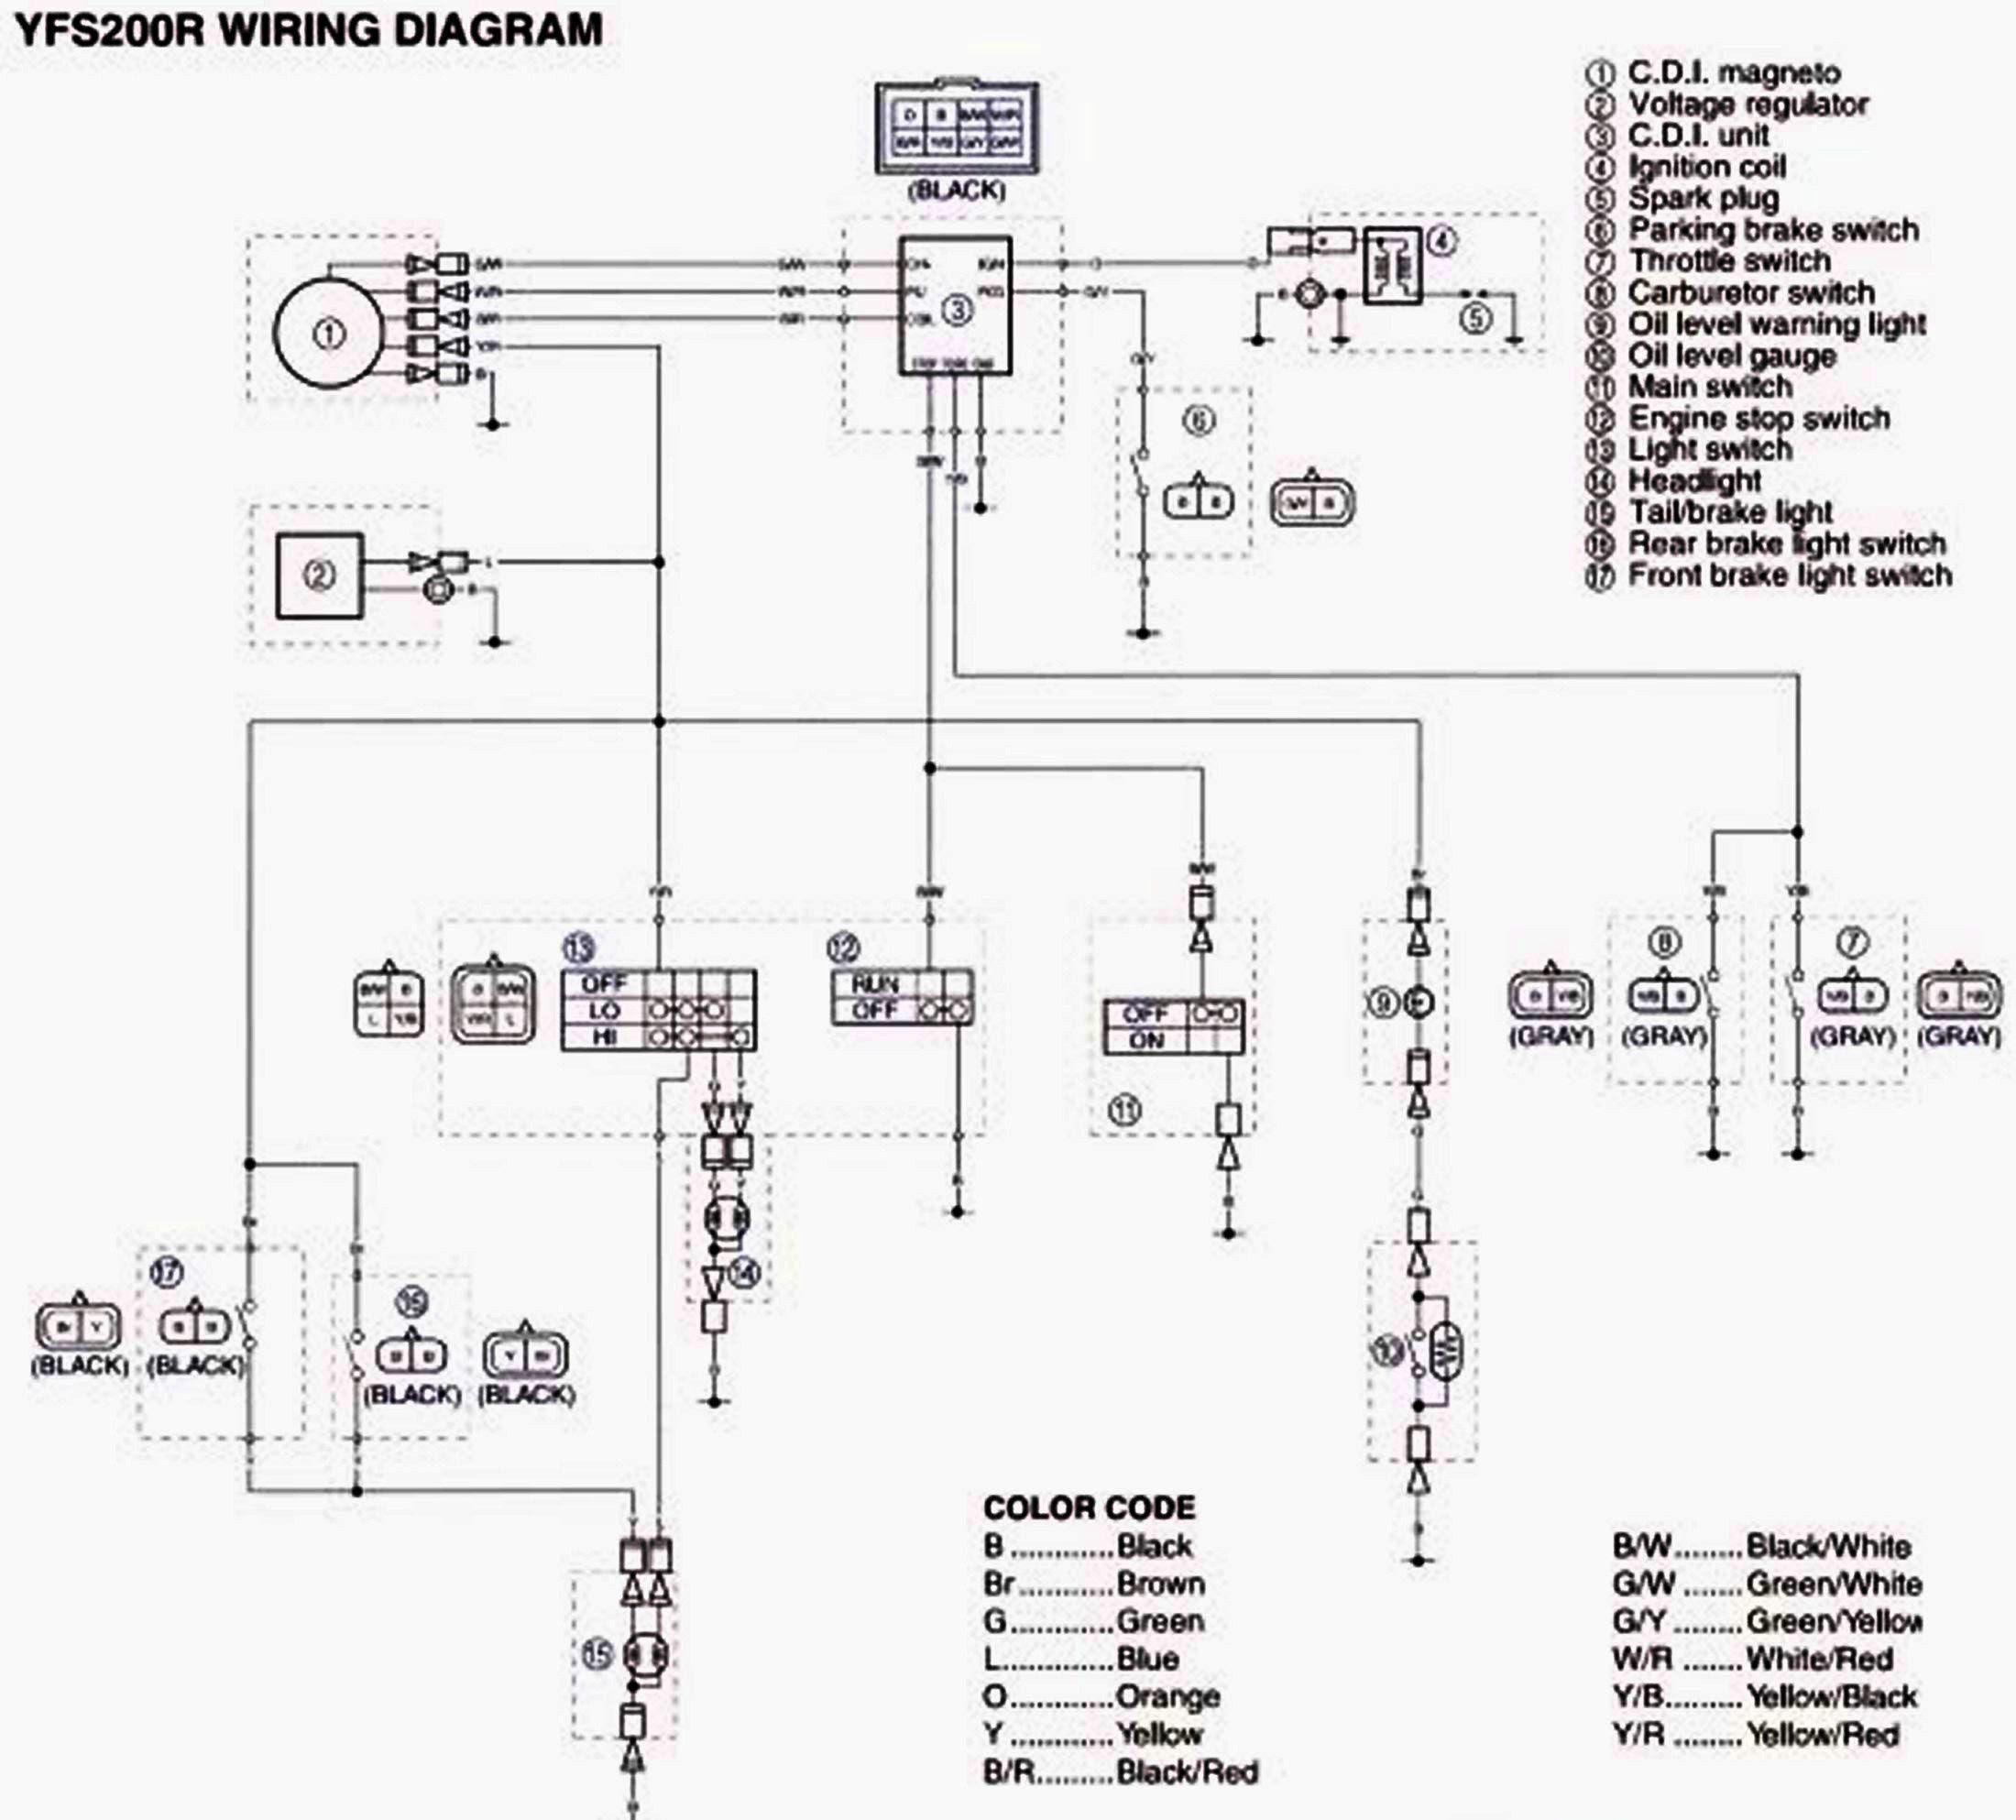 yamaha rxz wiring diagram download - wiring diagrams give-back -  give-back.massimocariello.it  massimocariello.it